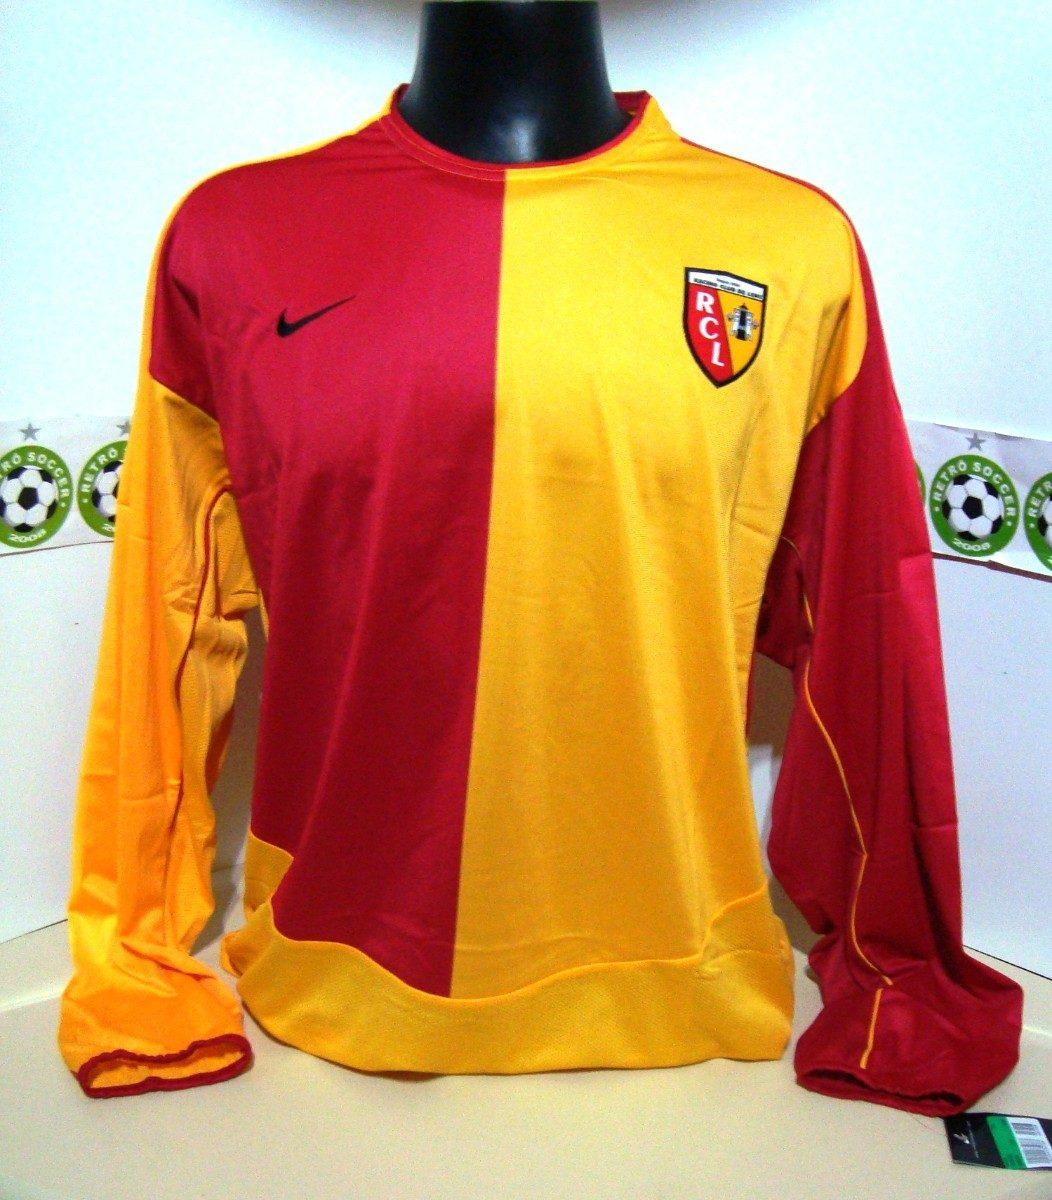 45c7b2c105 Barbada Camisa Do R C Lens Da França - Xl - Nike - Importada - R  79 ...